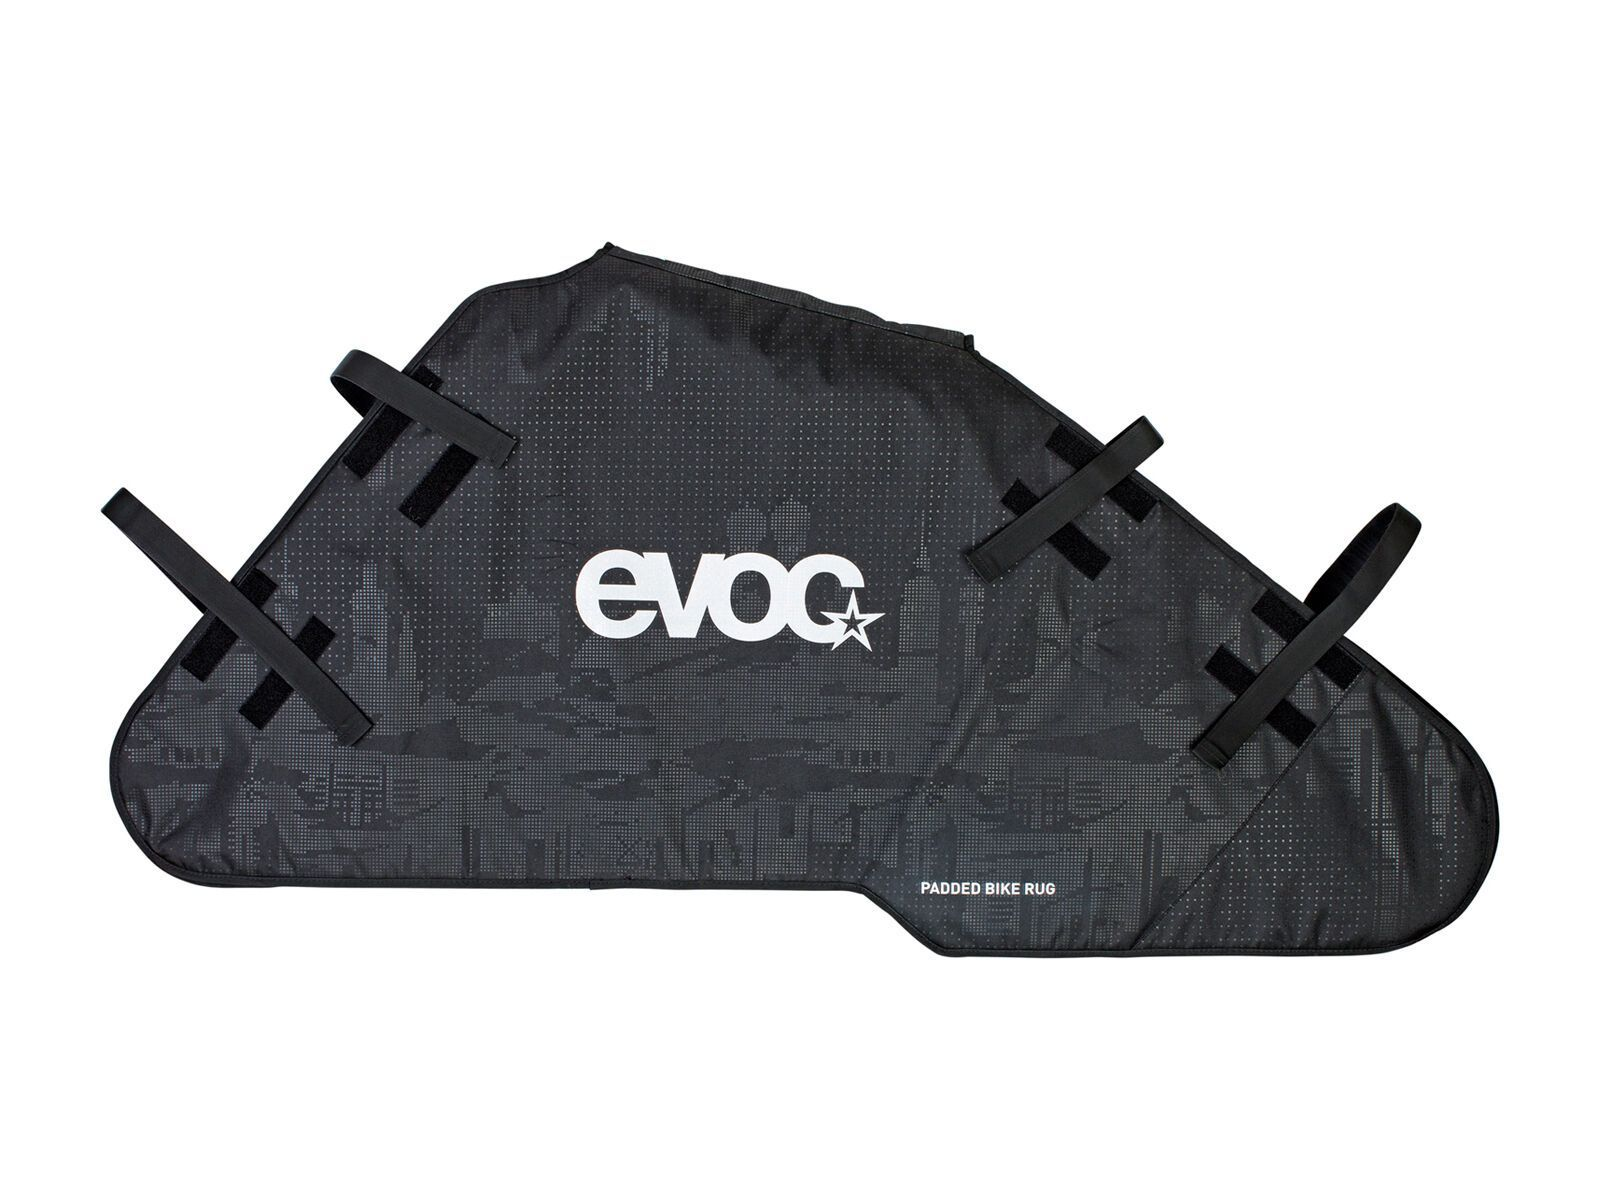 Evoc Padded Bike Rug, black - Fahrradtransporttasche 100524100